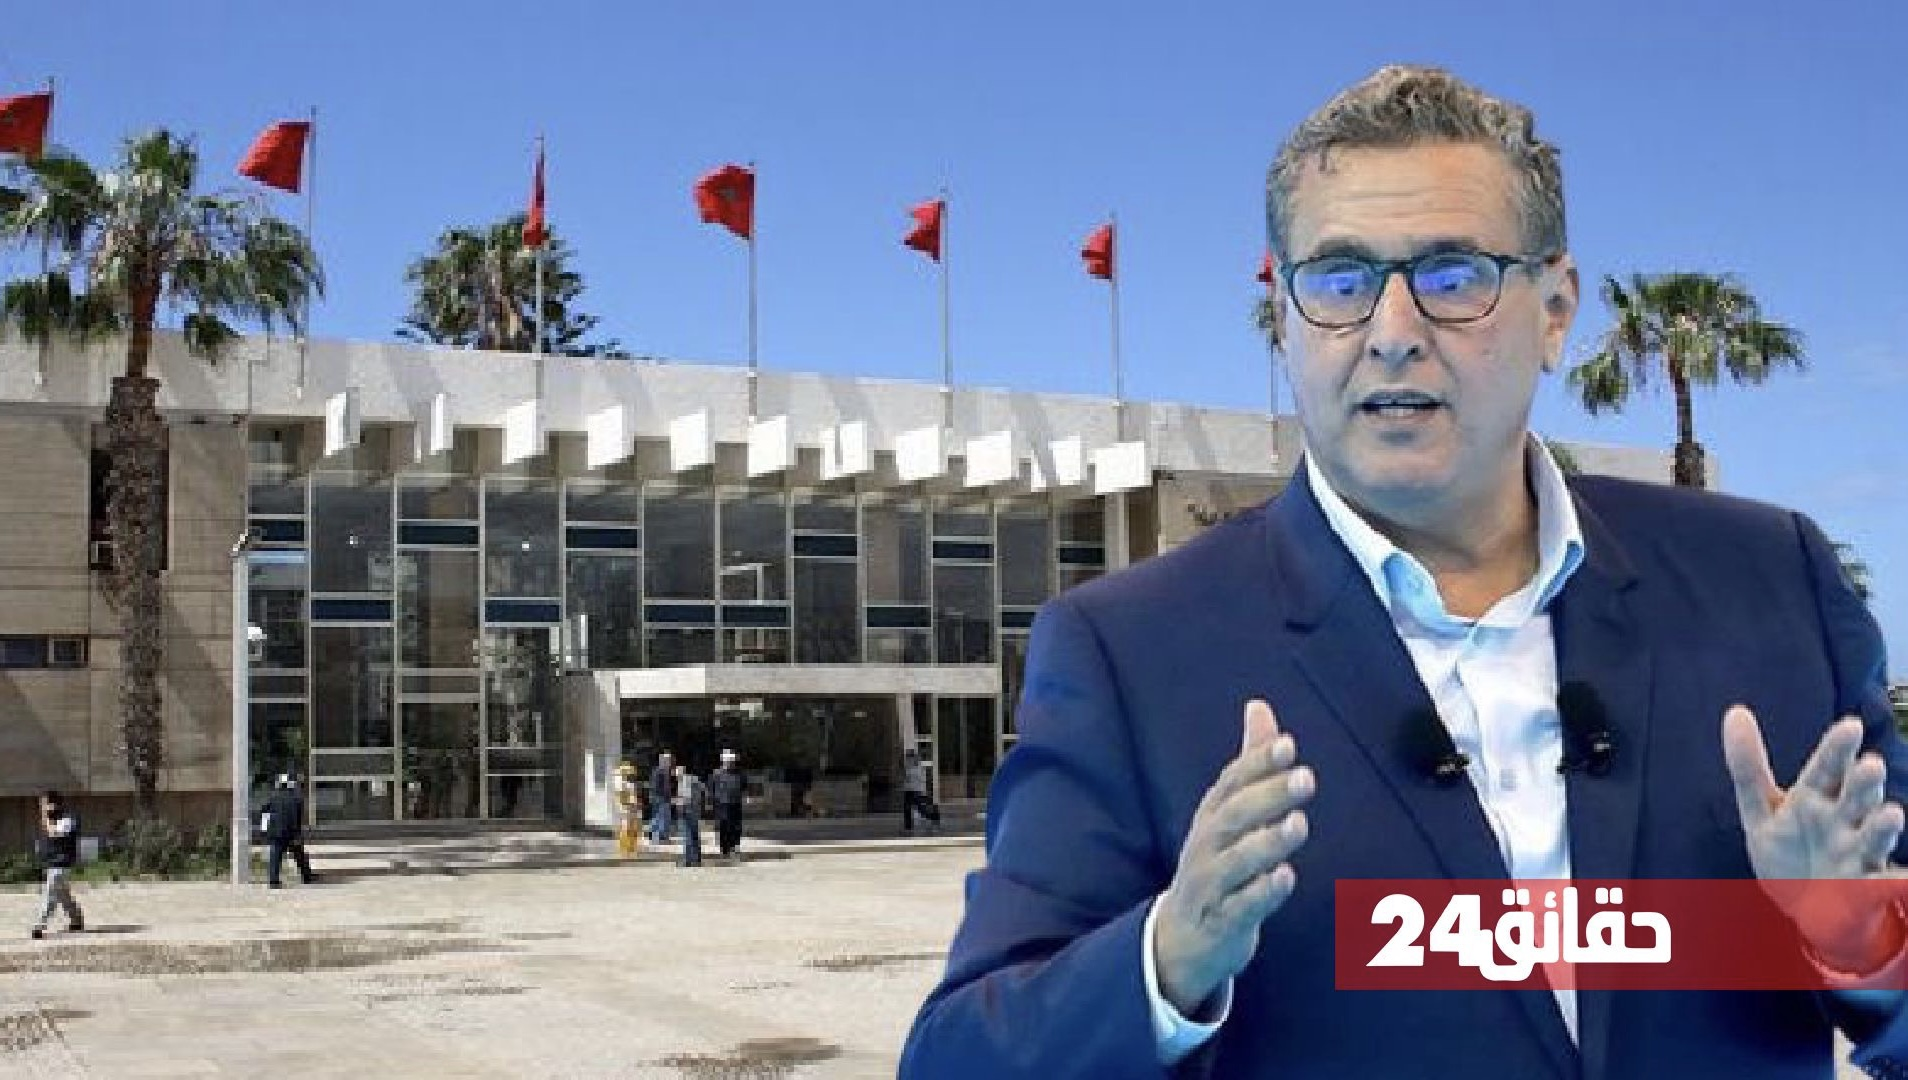 صورة أخنوش يخوض الإنتخابات الجماعية لرئاسة بلدية أكادير